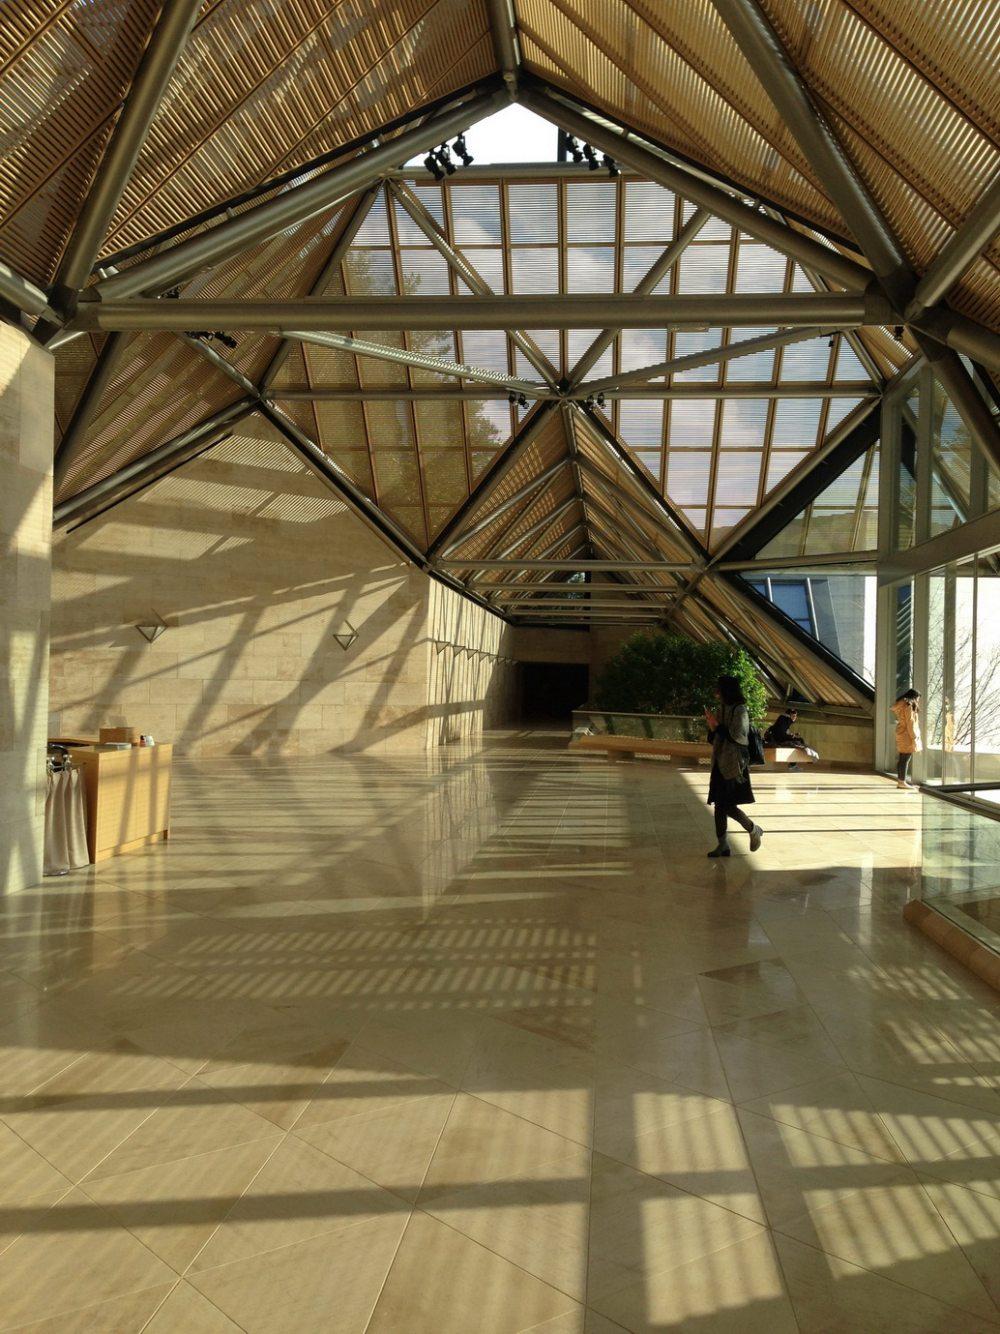 日本美秀美术馆MIHO MUSEUM自拍分享-贝聿铭_IMG_7207.JPG